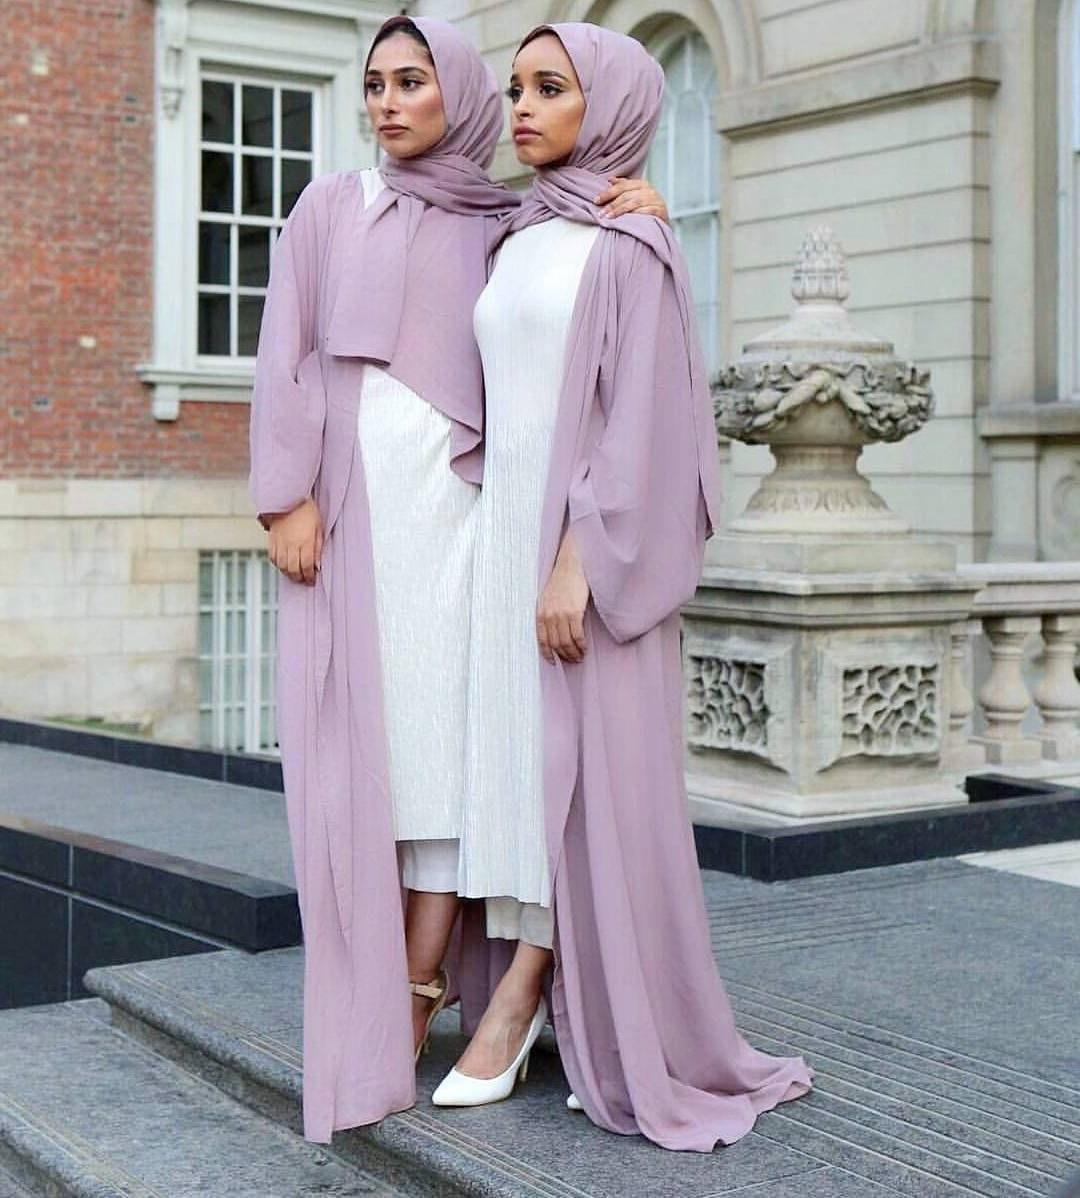 Design Baju Lebaran 2017 Jxdu 50 Model Baju Lebaran Terbaru 2018 Modern & Elegan